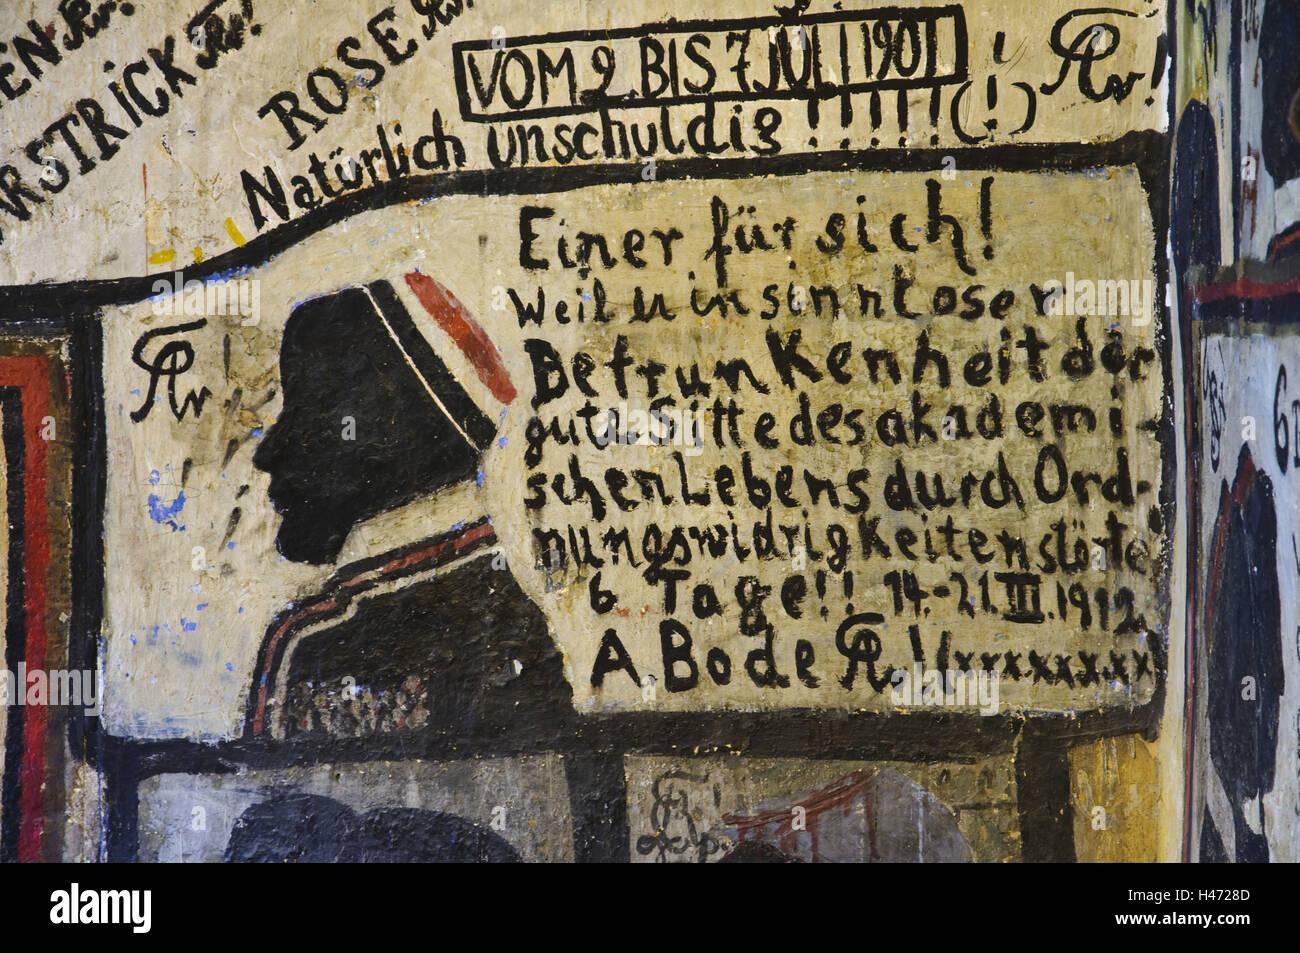 Heidelberg, student detention cell, mural paintings, graffiti, university, Baden-Wurttemberg, Germany, - Stock Image